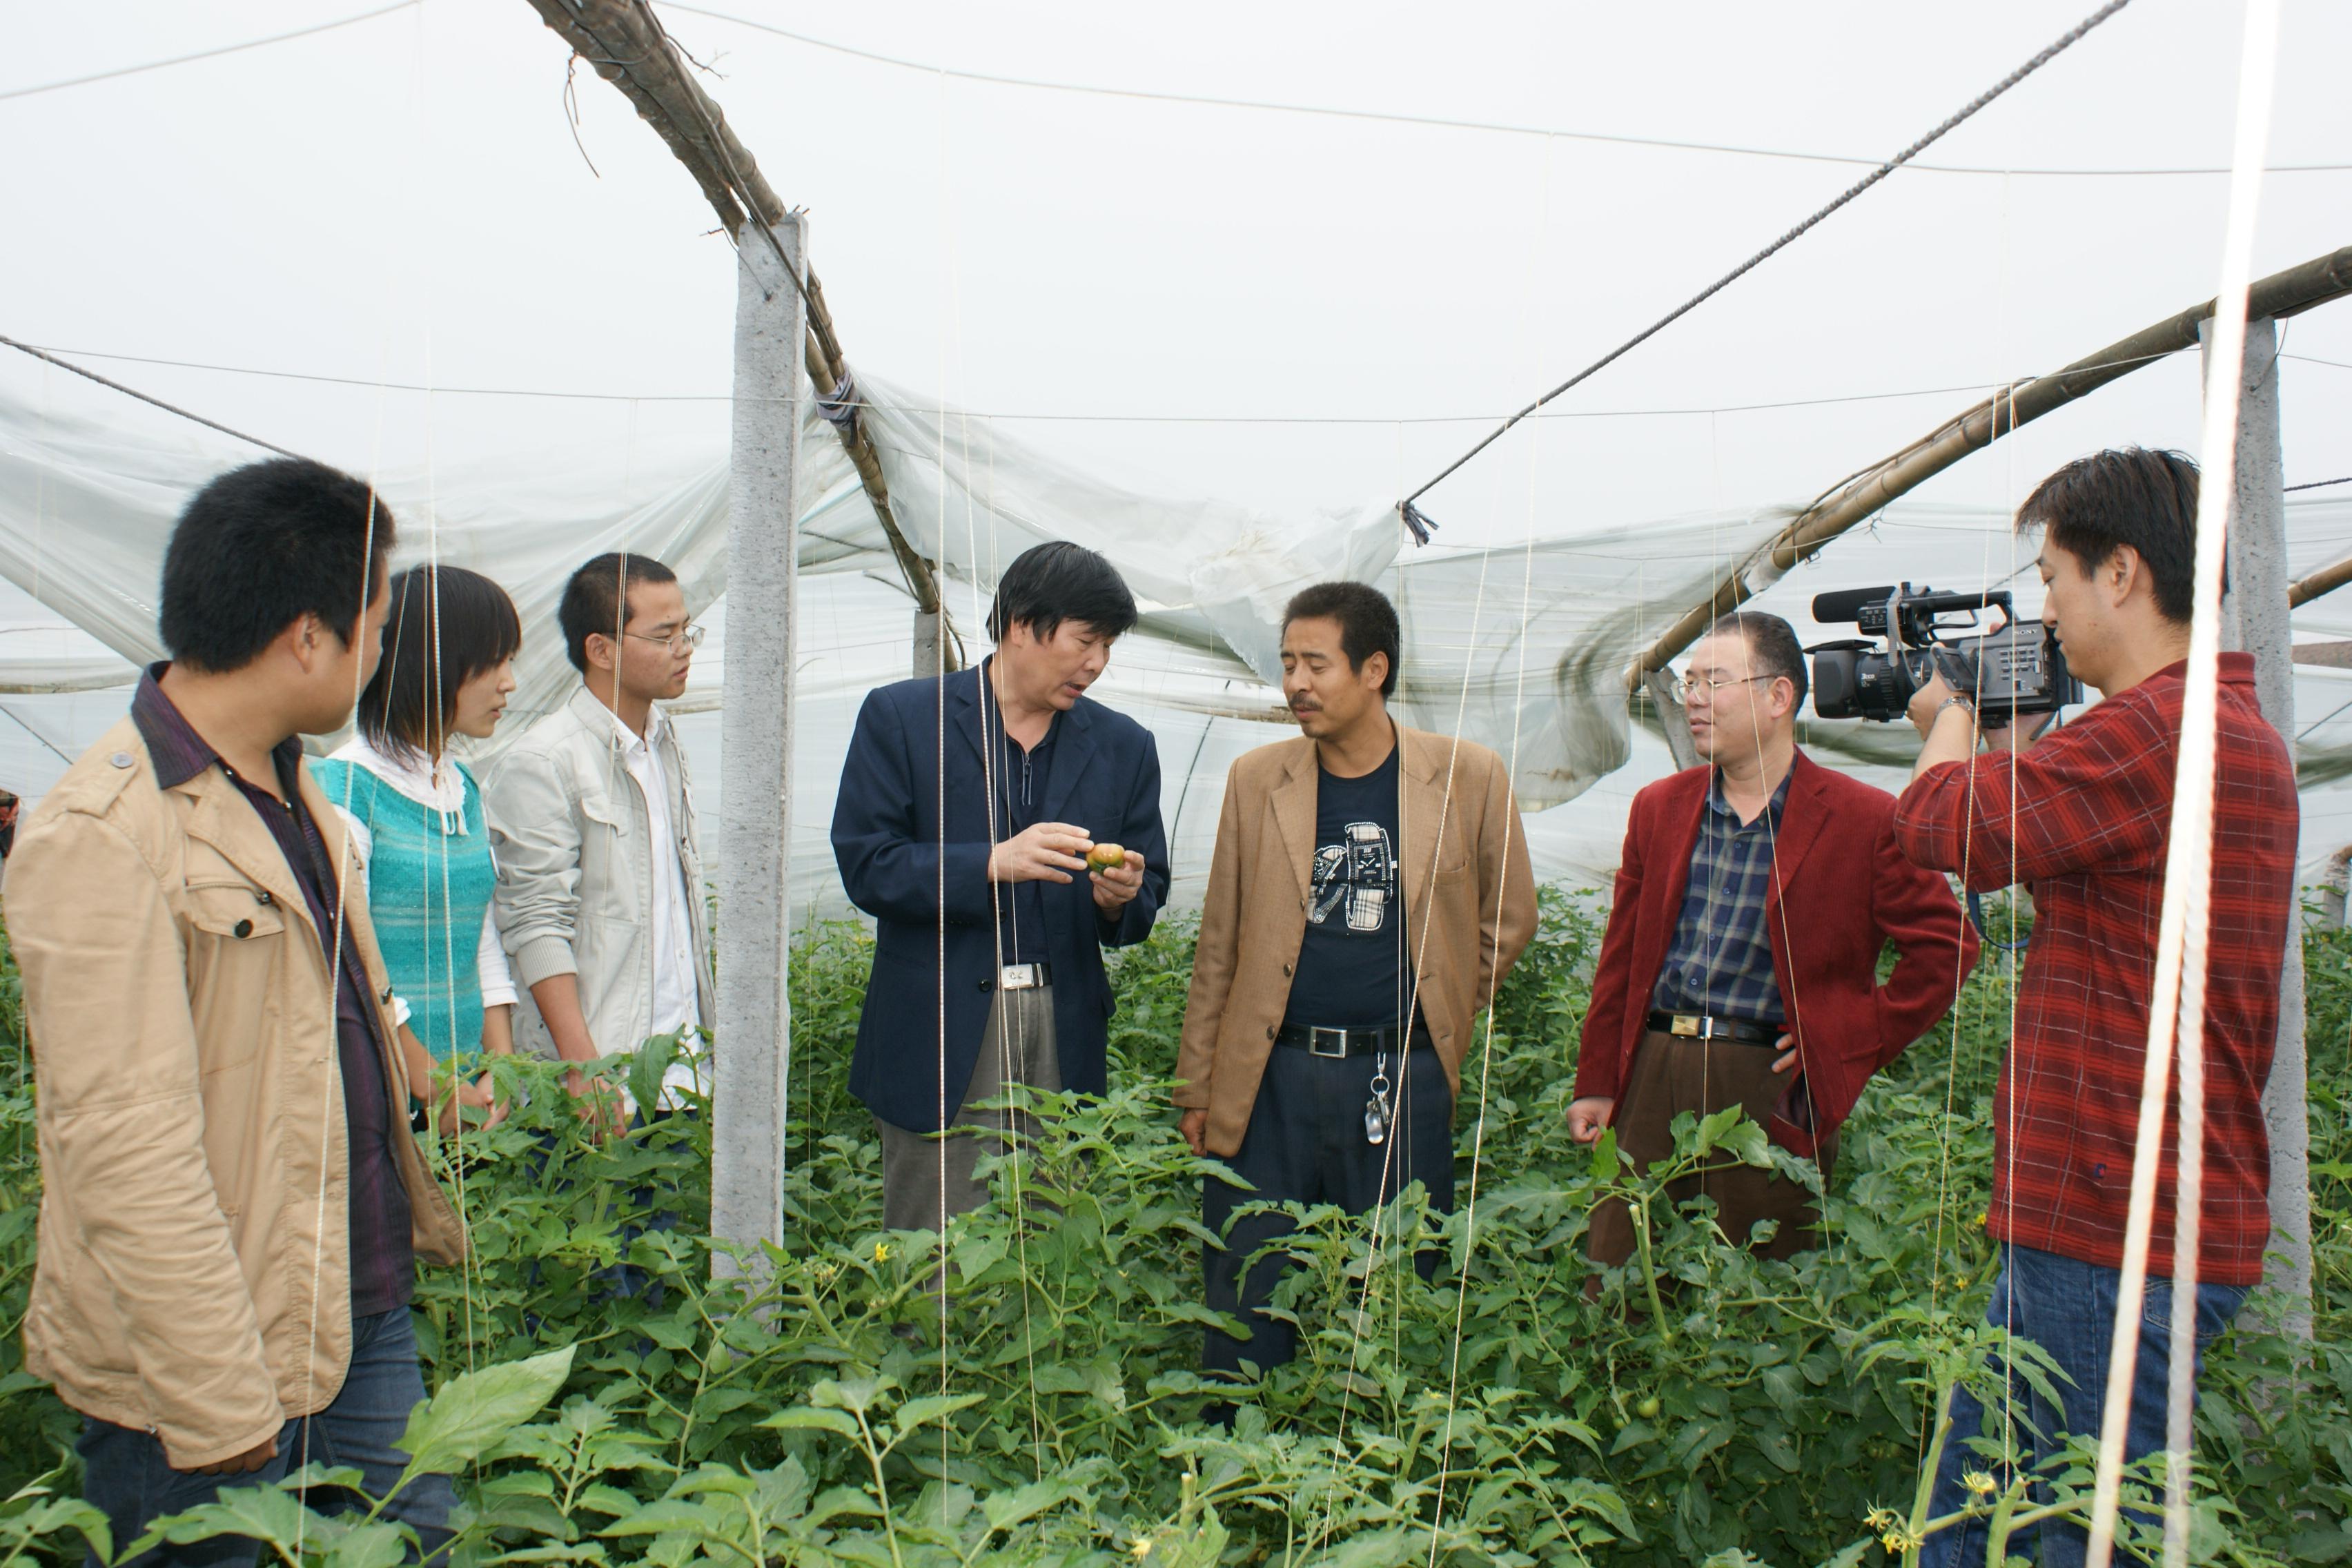 陕西省电视台采访我校sife大学生社团图片